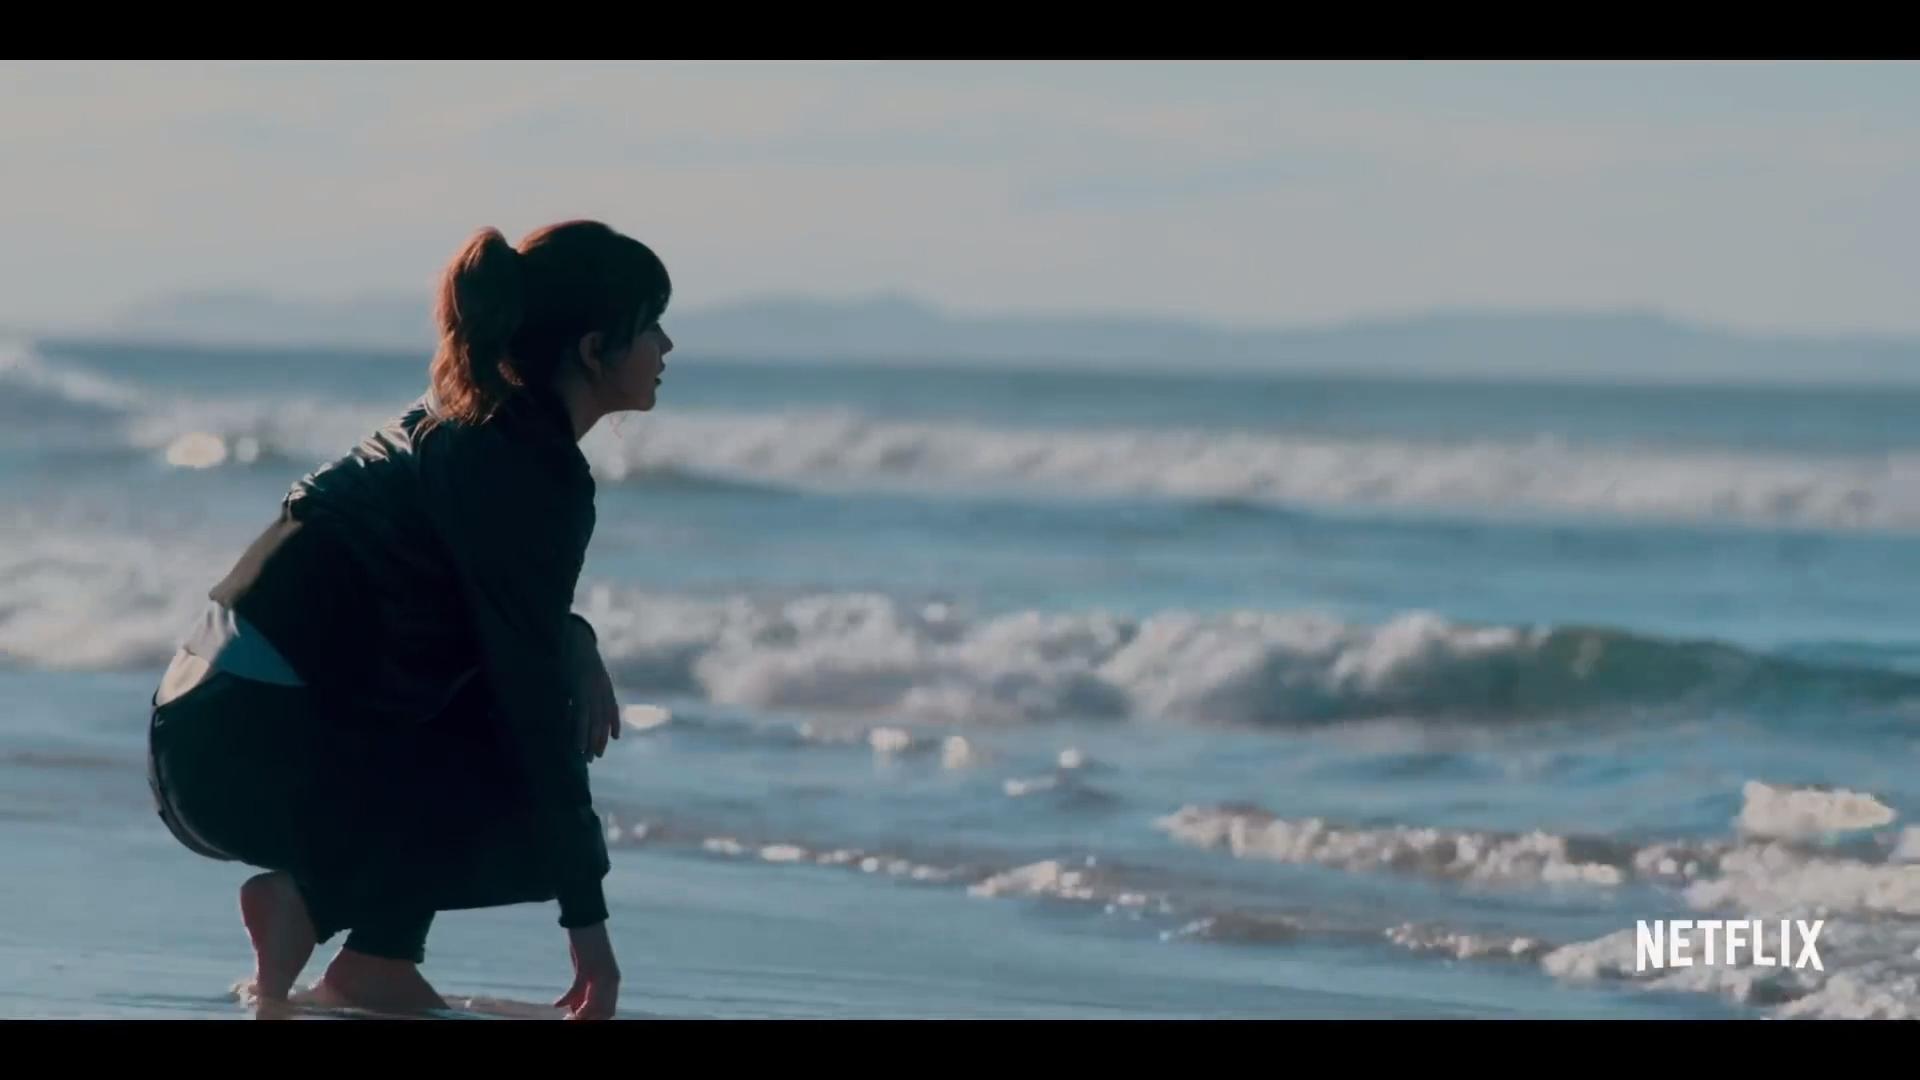 'Tidelands' trailer starring Elsa Pataky